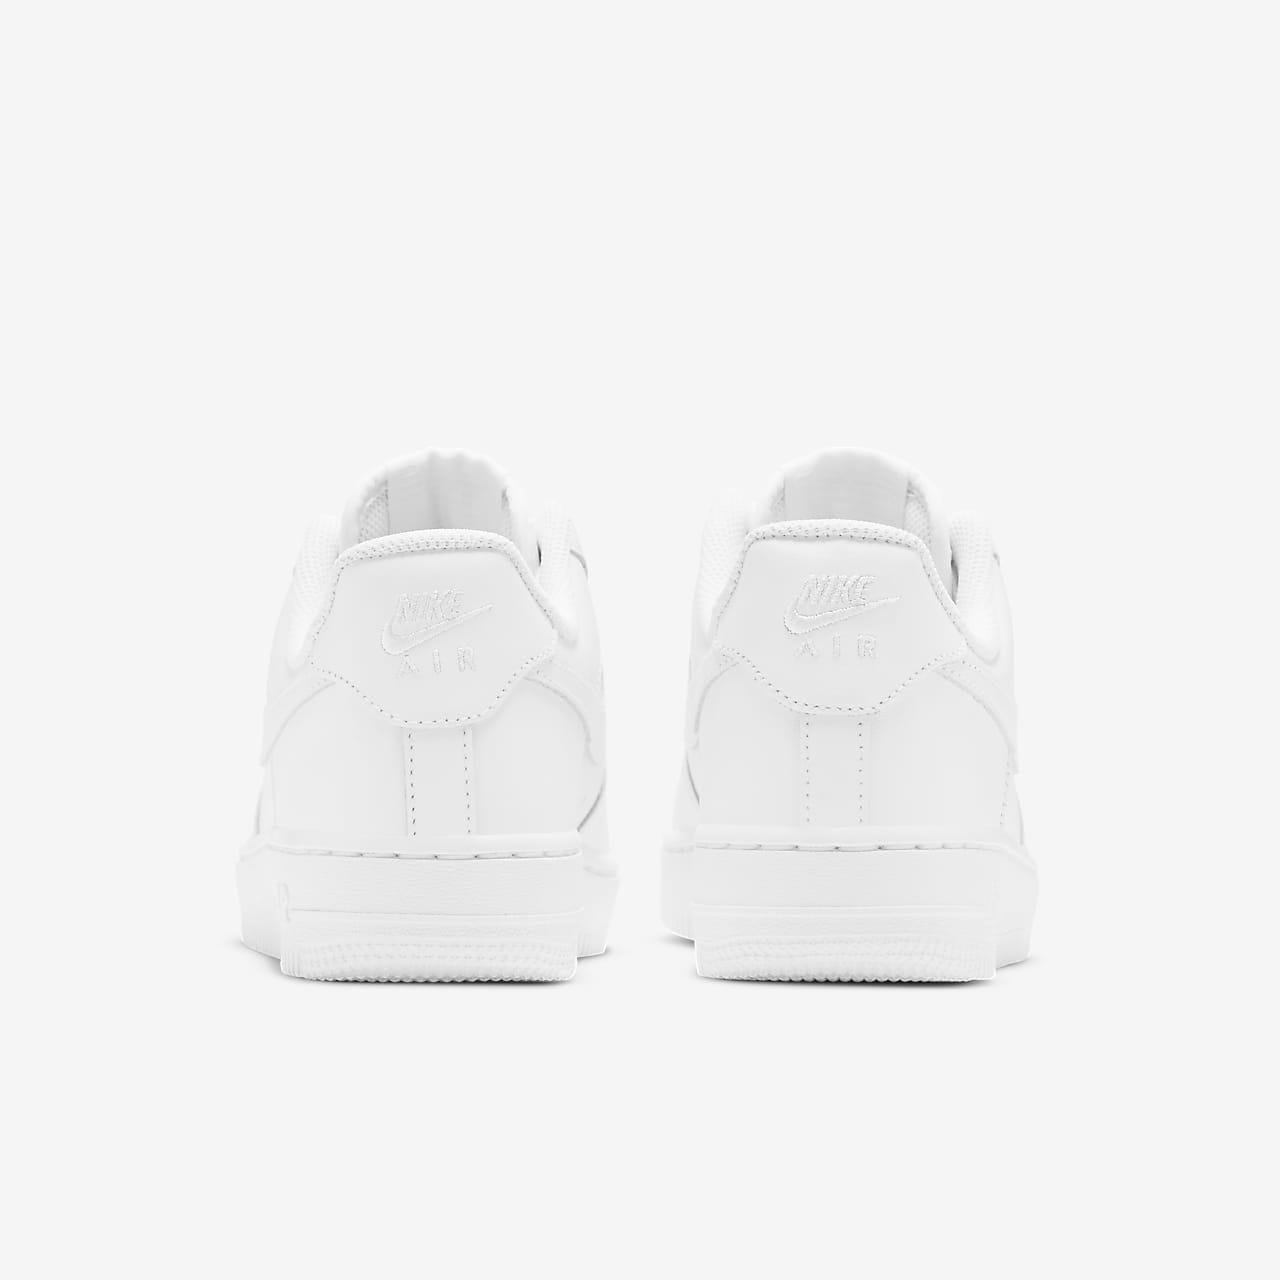 buty nike air force 1 '07 białe